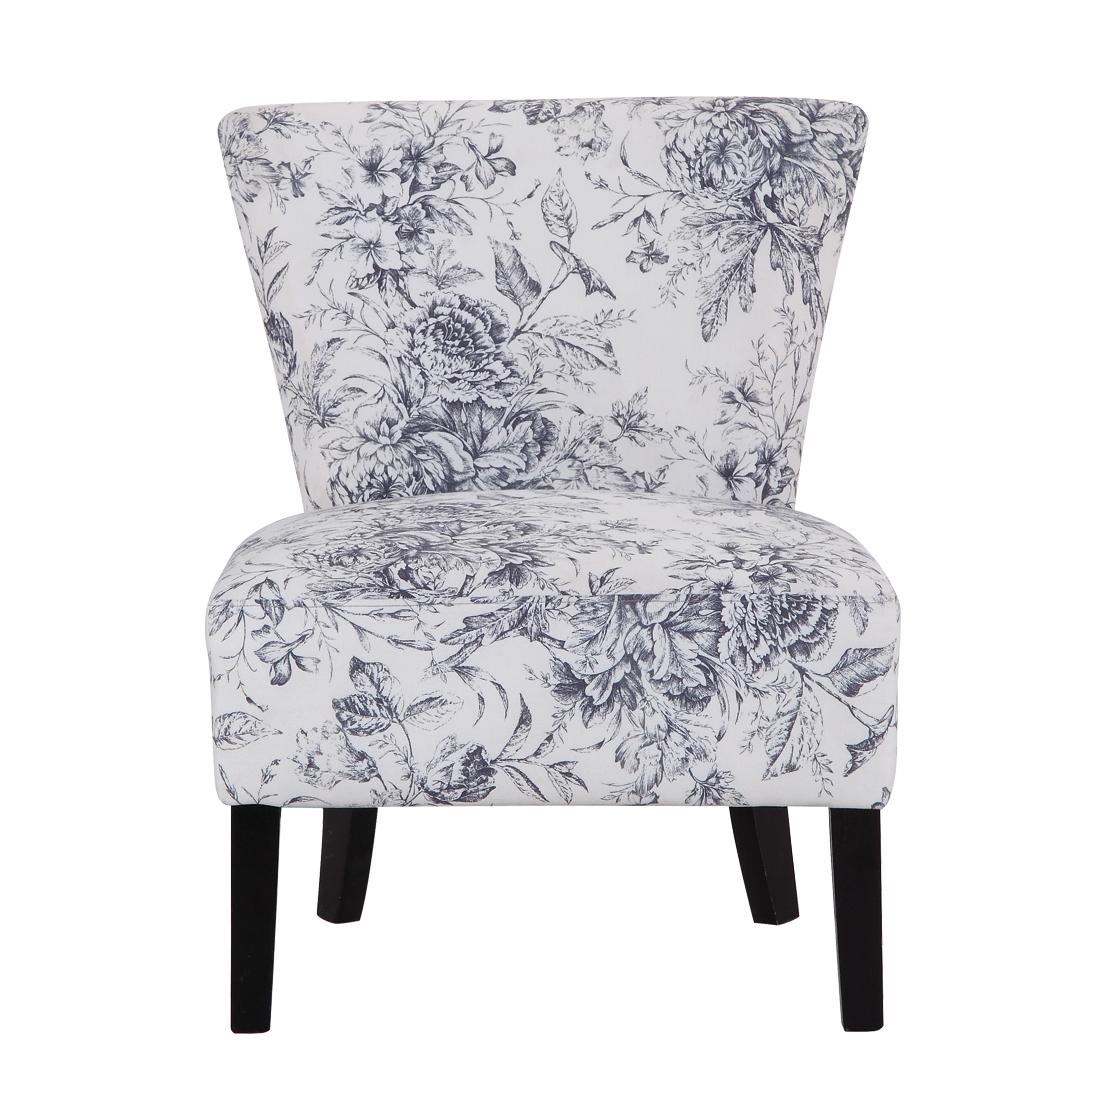 Austen Chair Floral